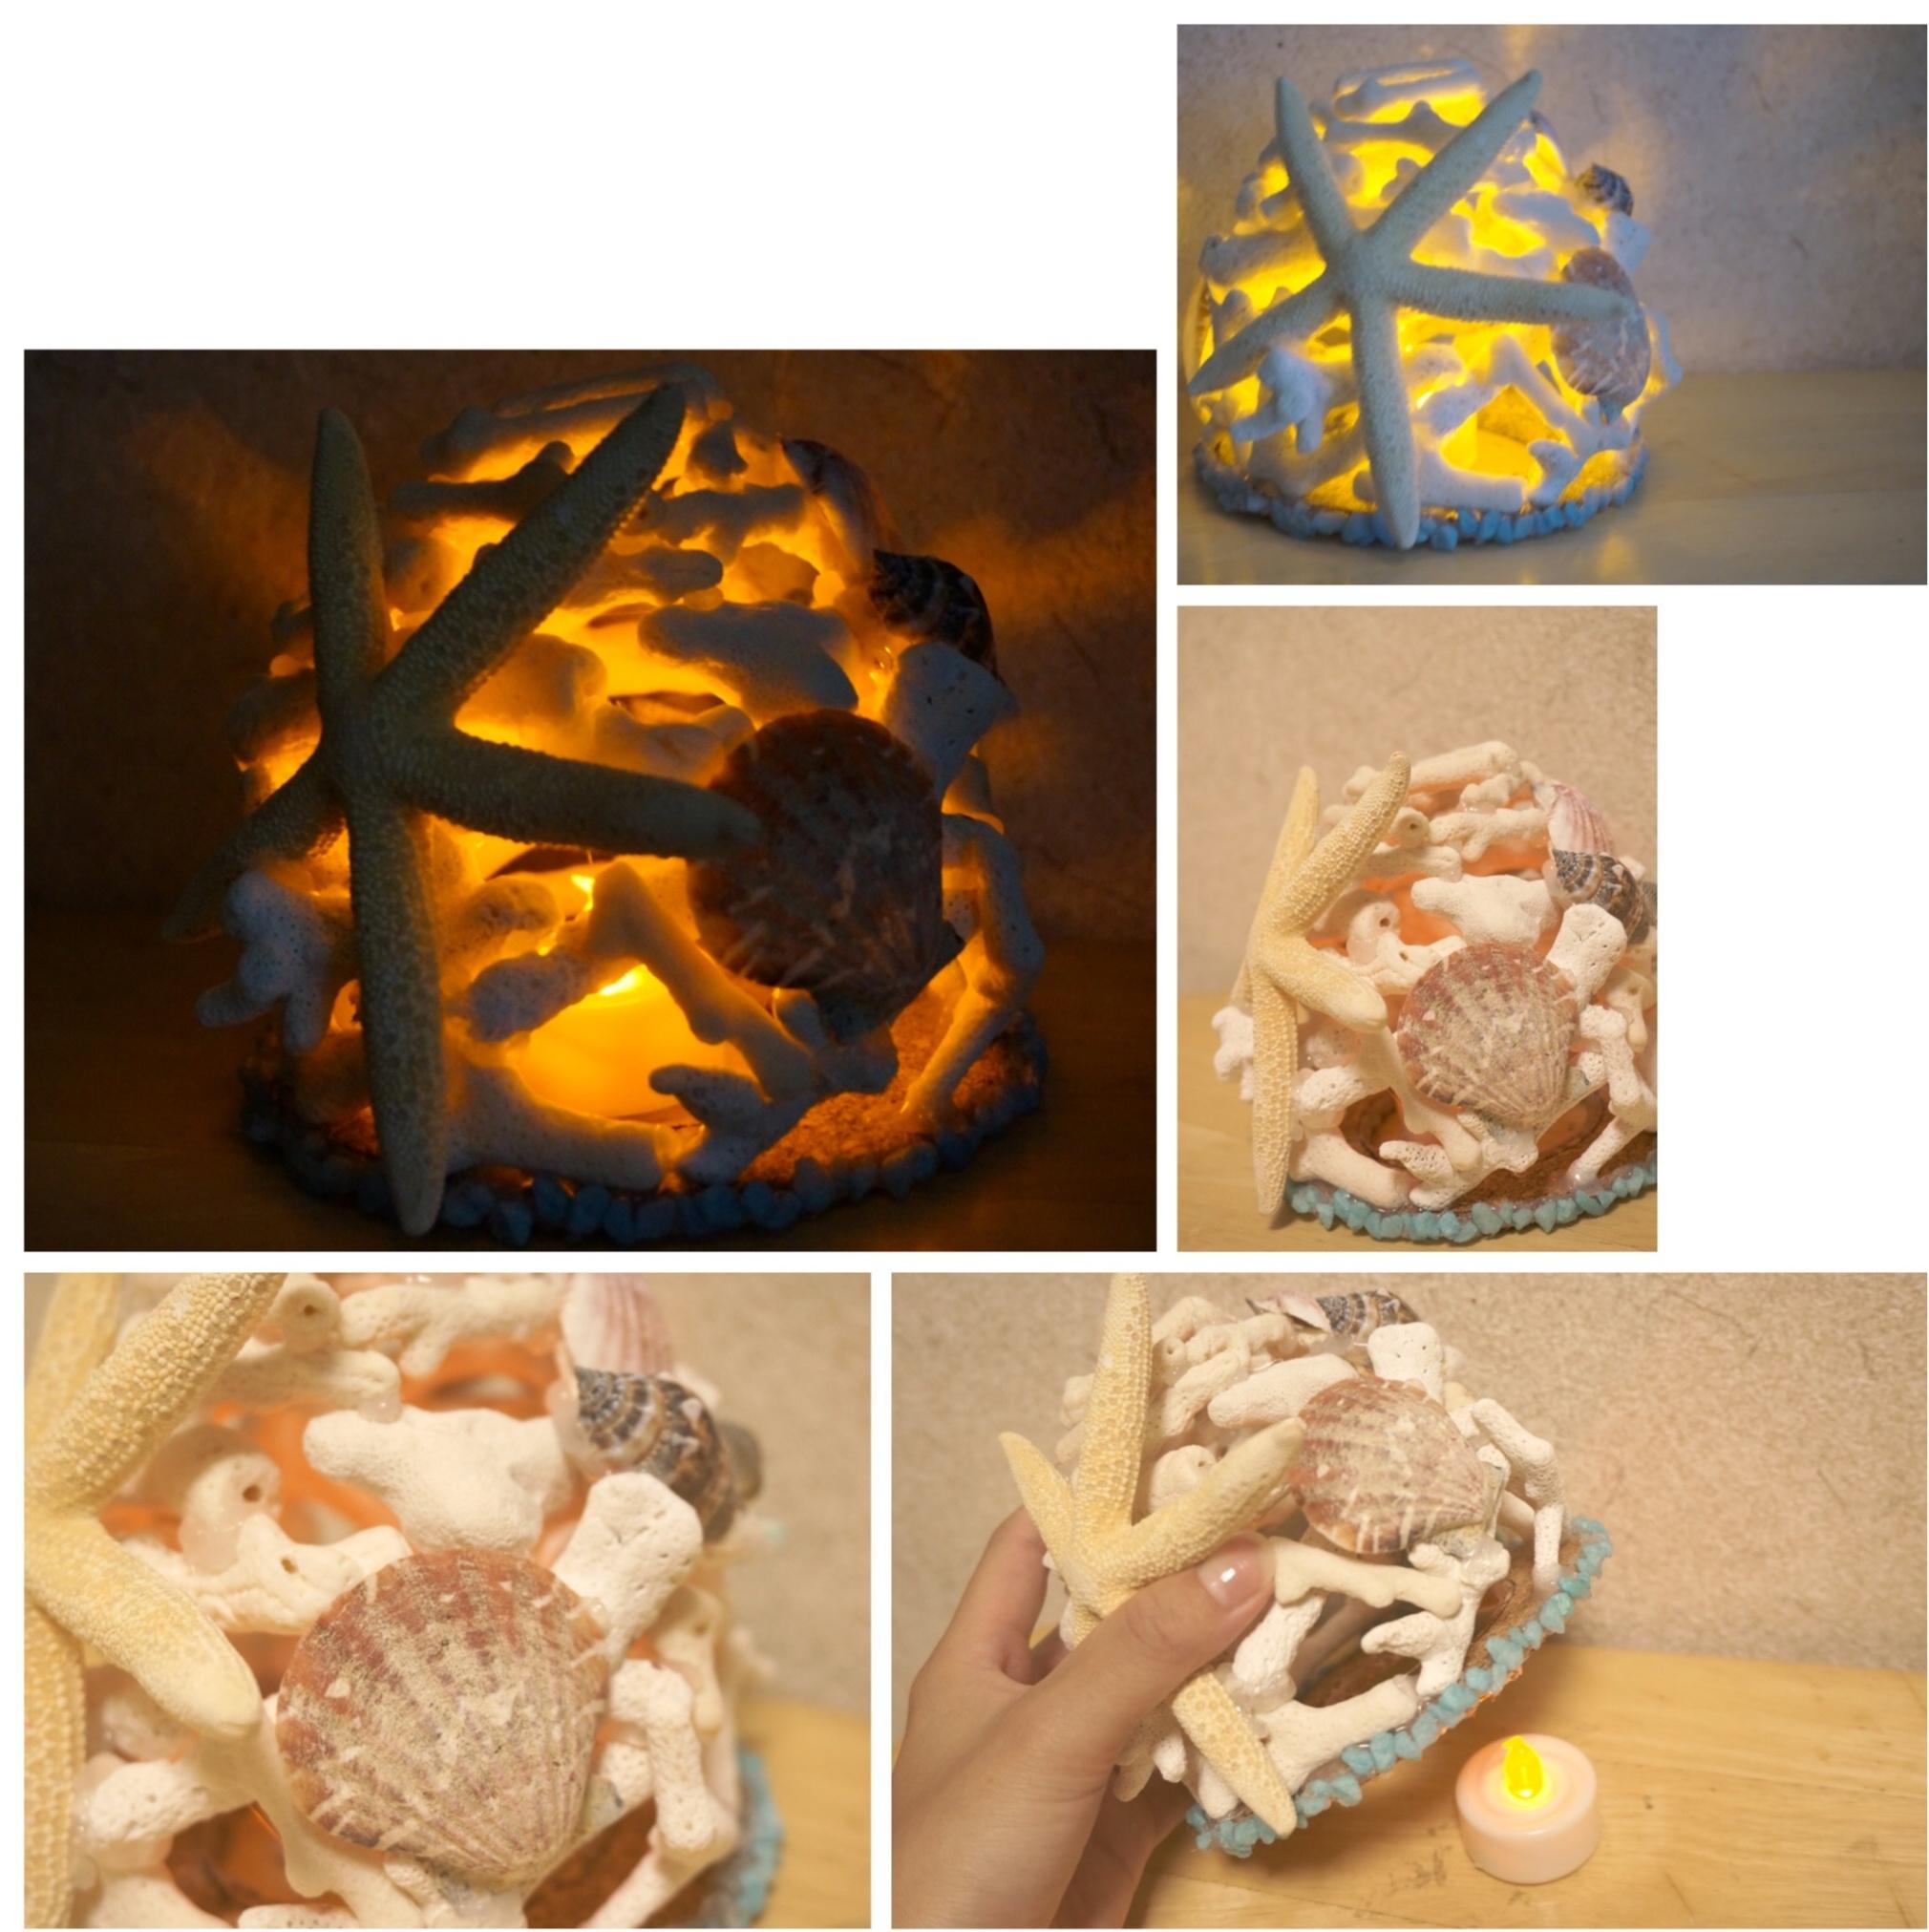 【ハンドメイド講座】大人の自由研究( ´艸`)⁉️枝珊瑚で作る夏物ランプシェード♡_9